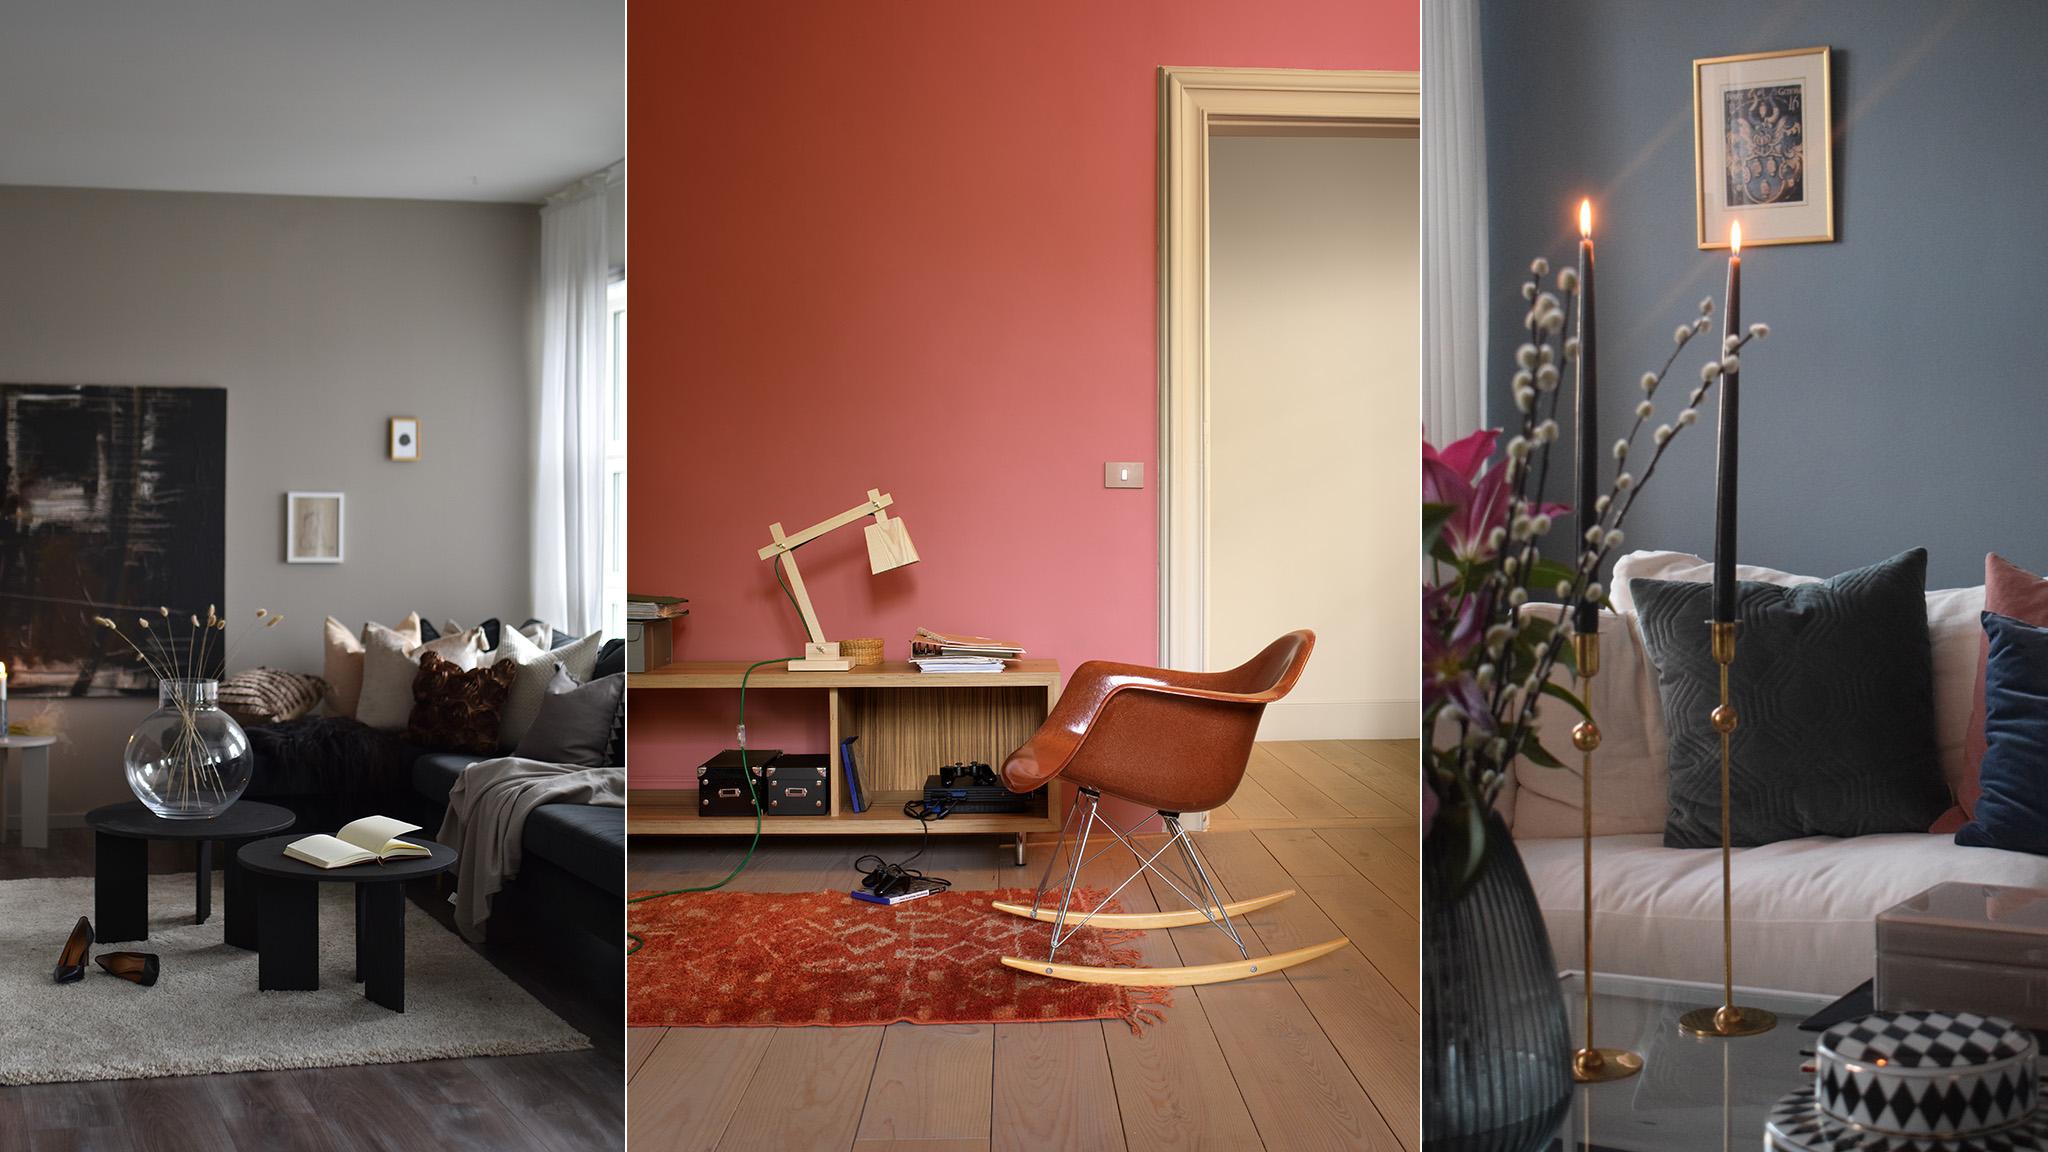 Bekräfta ett neutralt interiör med färg